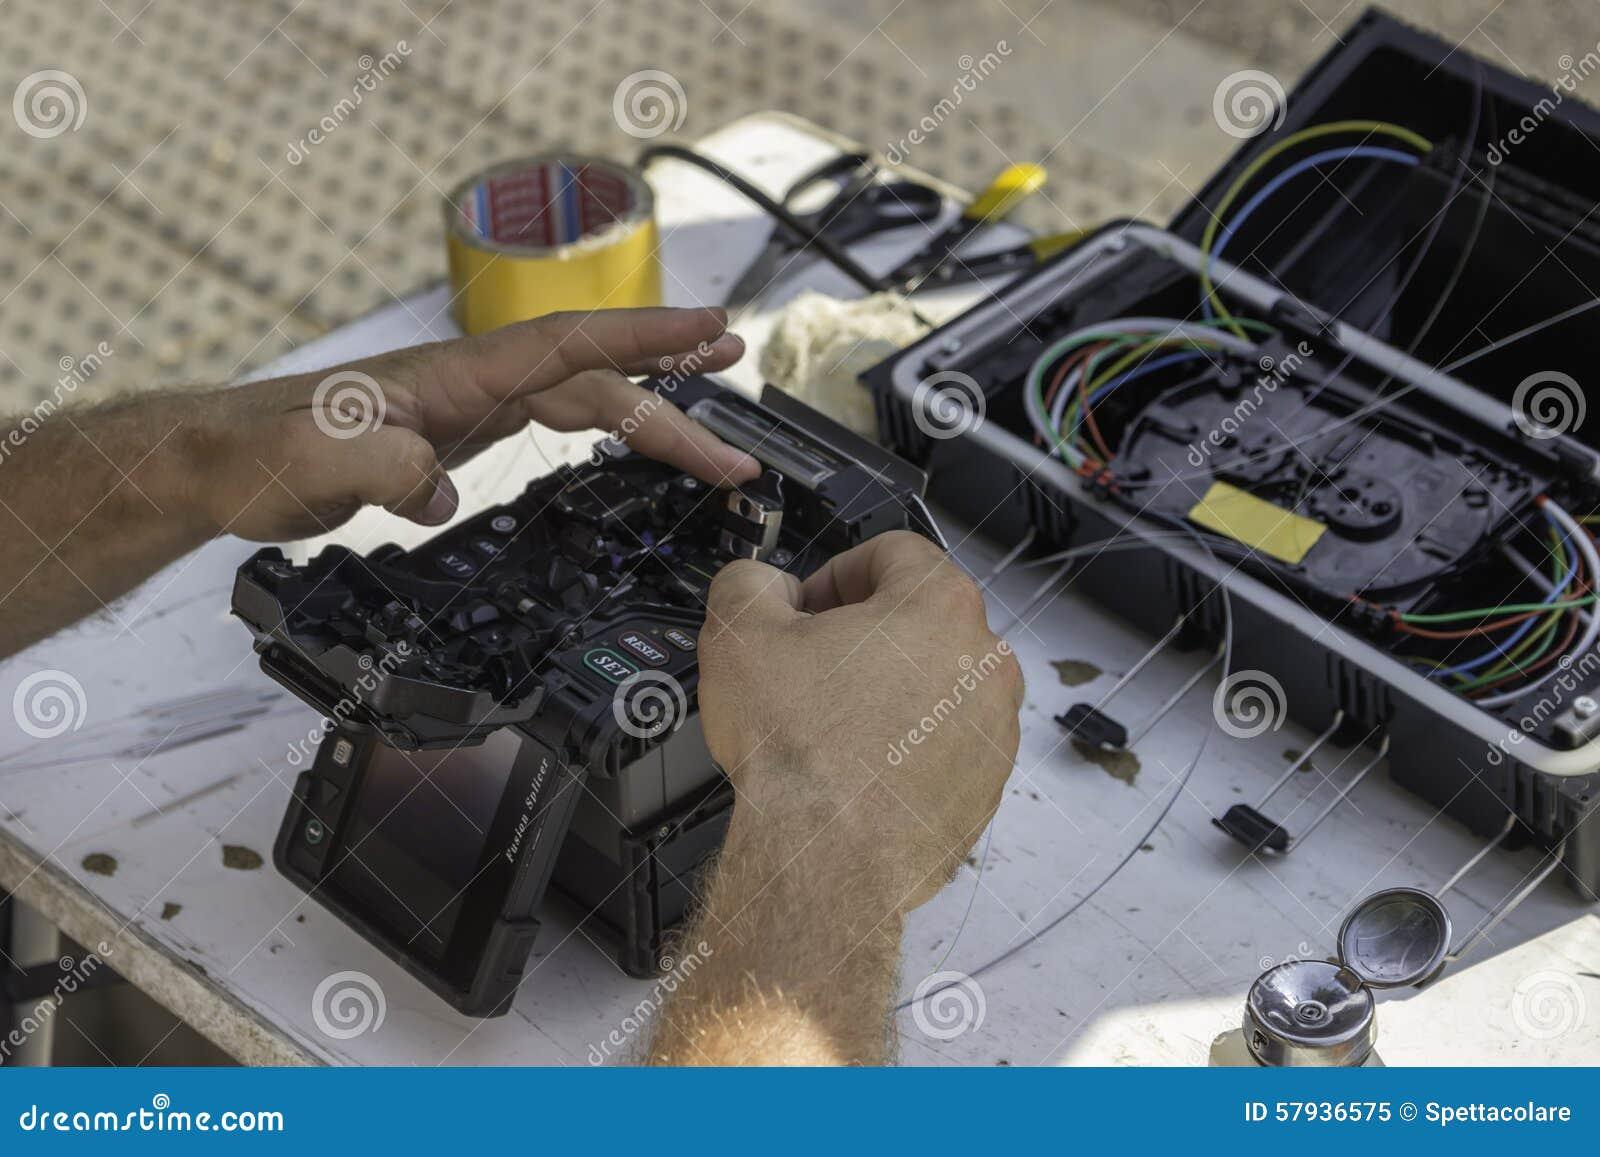 fiber optics technicians - Monza berglauf-verband com